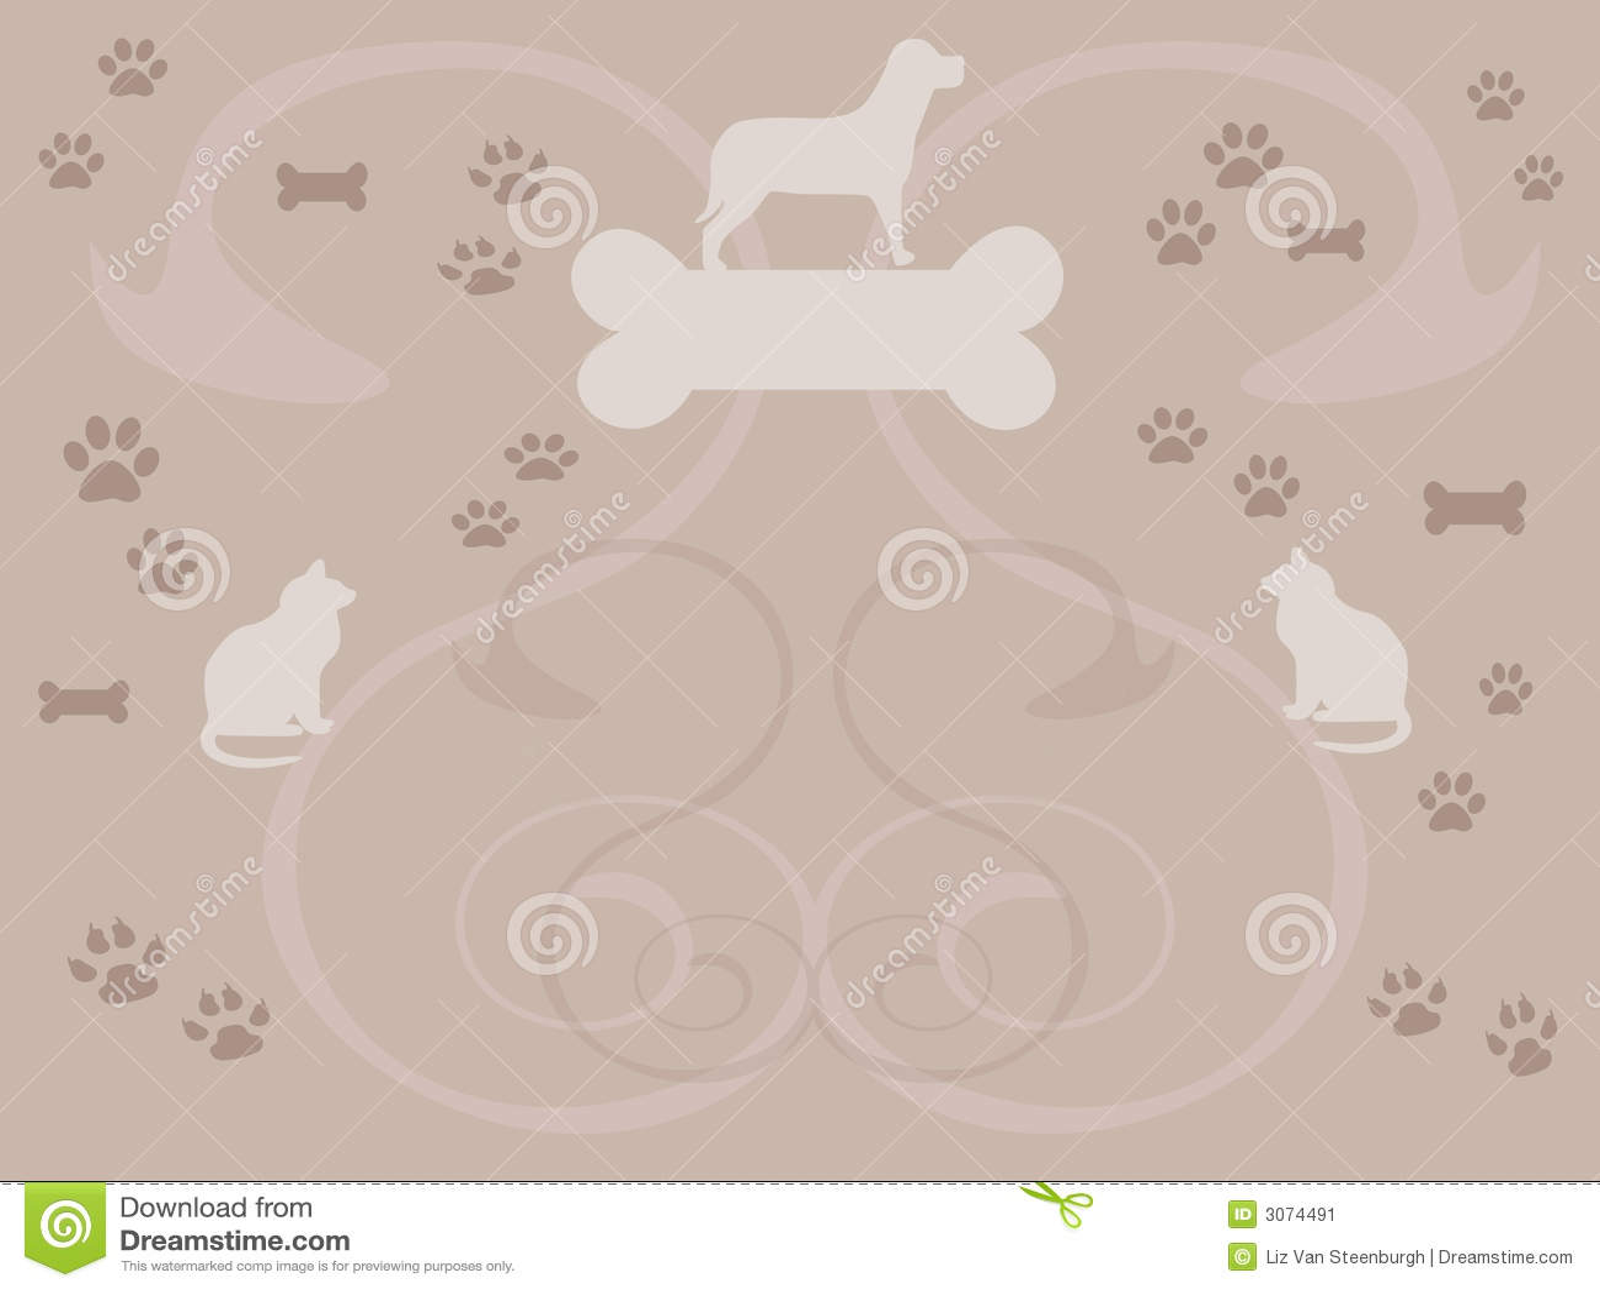 Pet Background Stock Image - Image: 3074491